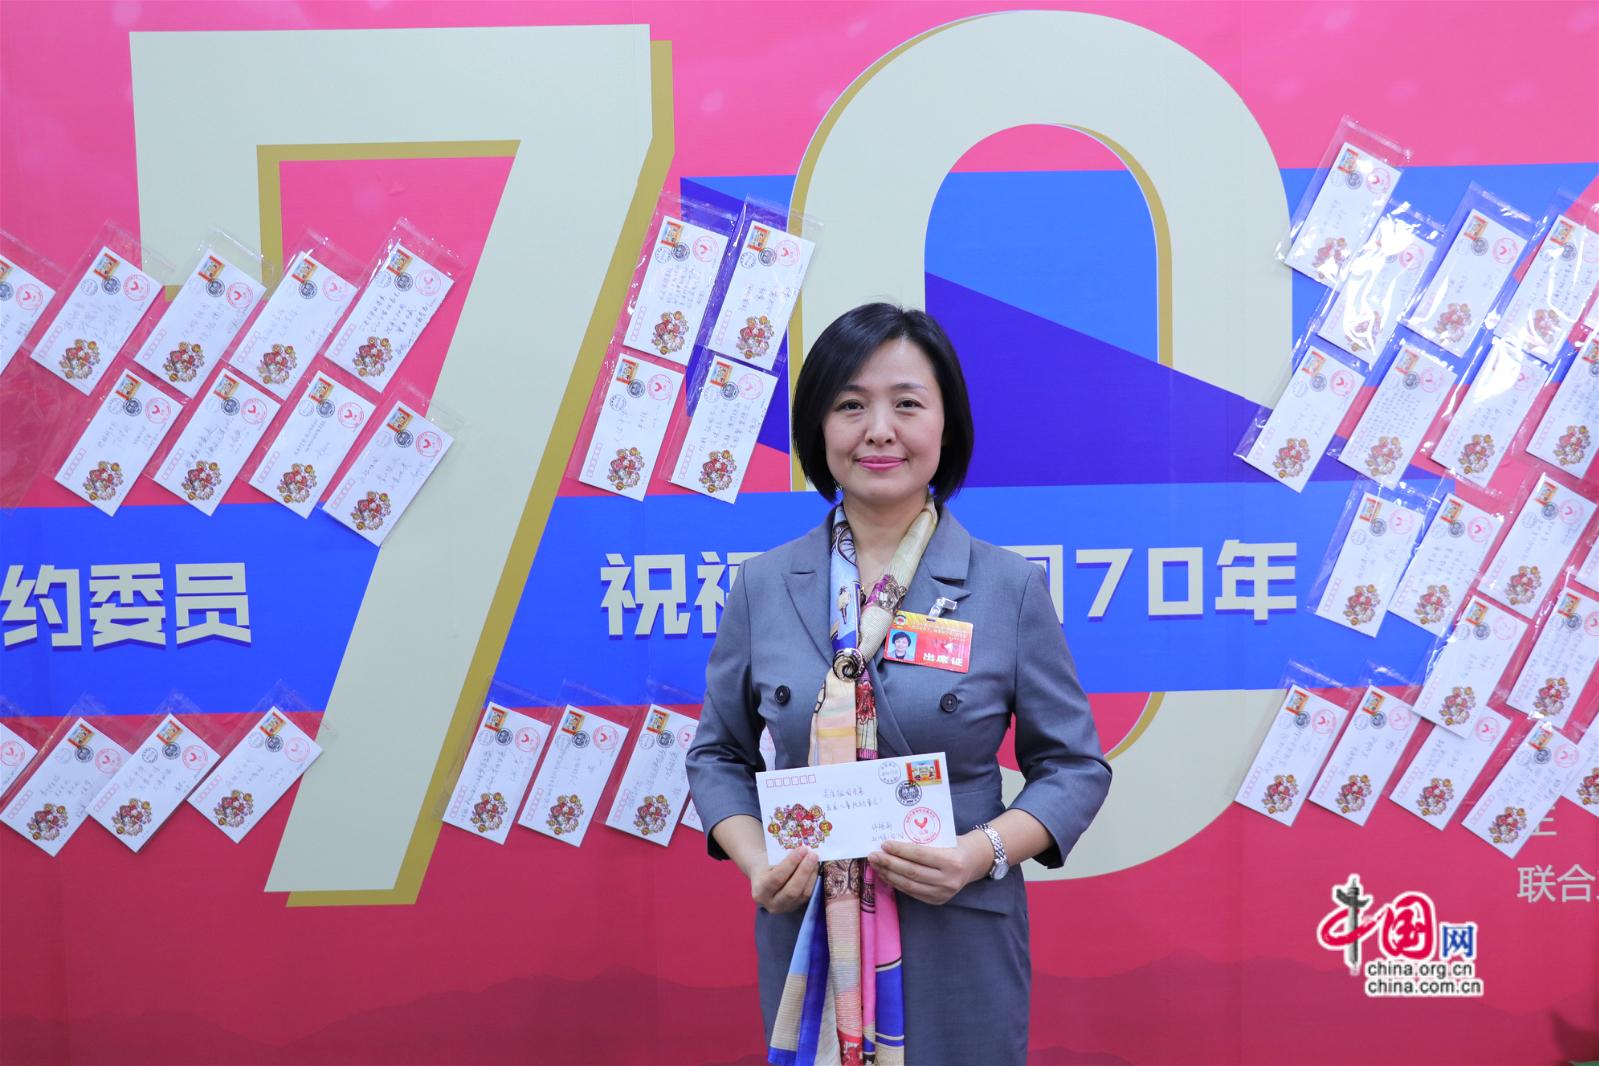 北京市政协委员许艳丽为新中国成立70年书写寄语。中国网记者胡俊摄